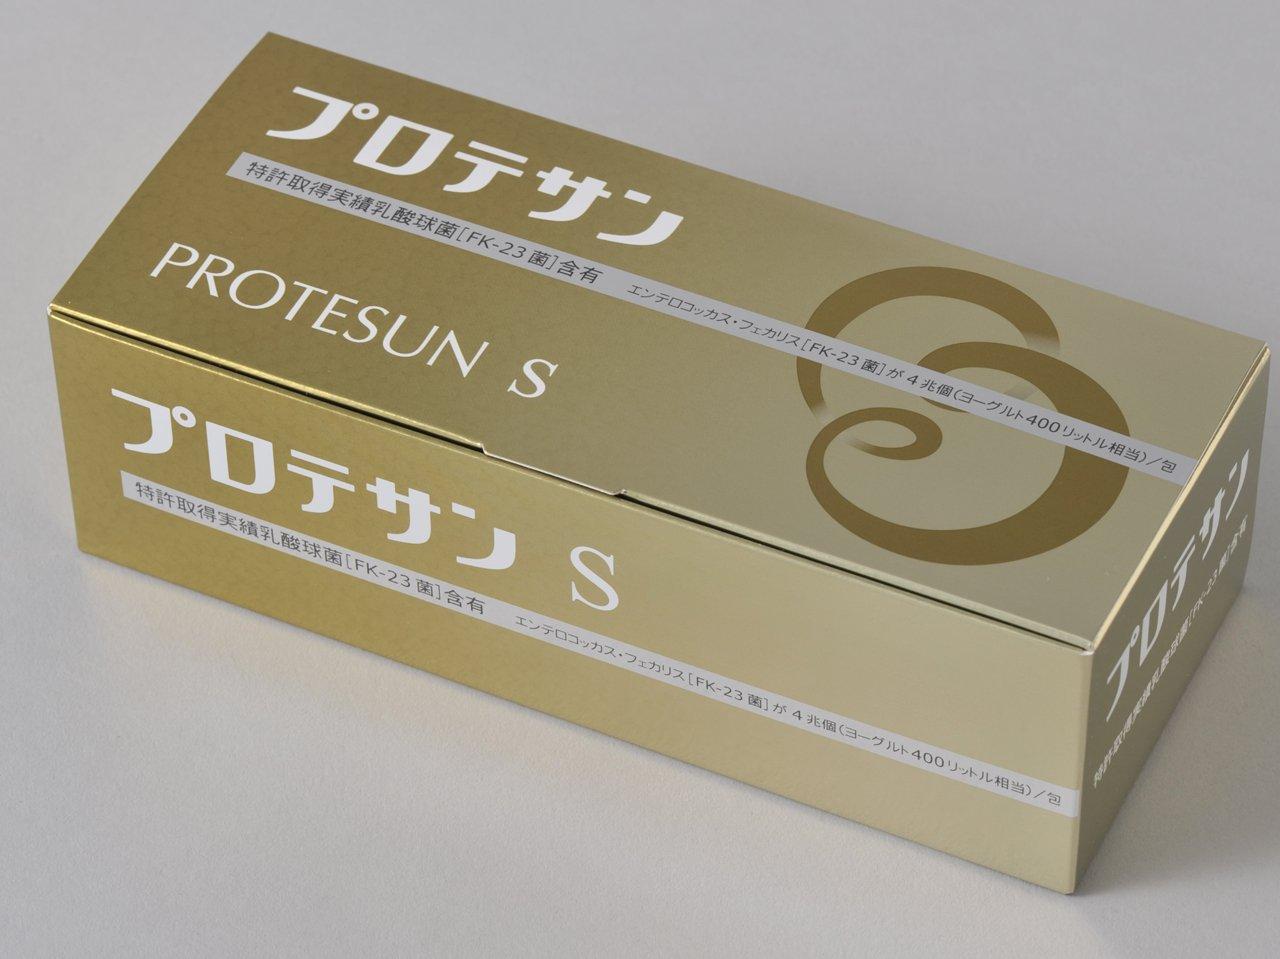 プロテサンS 45包入6箱セット 1包に乳酸菌 4兆個(プレーンヨーグルト500ml×約800個分)含有 B00AIEUXIC